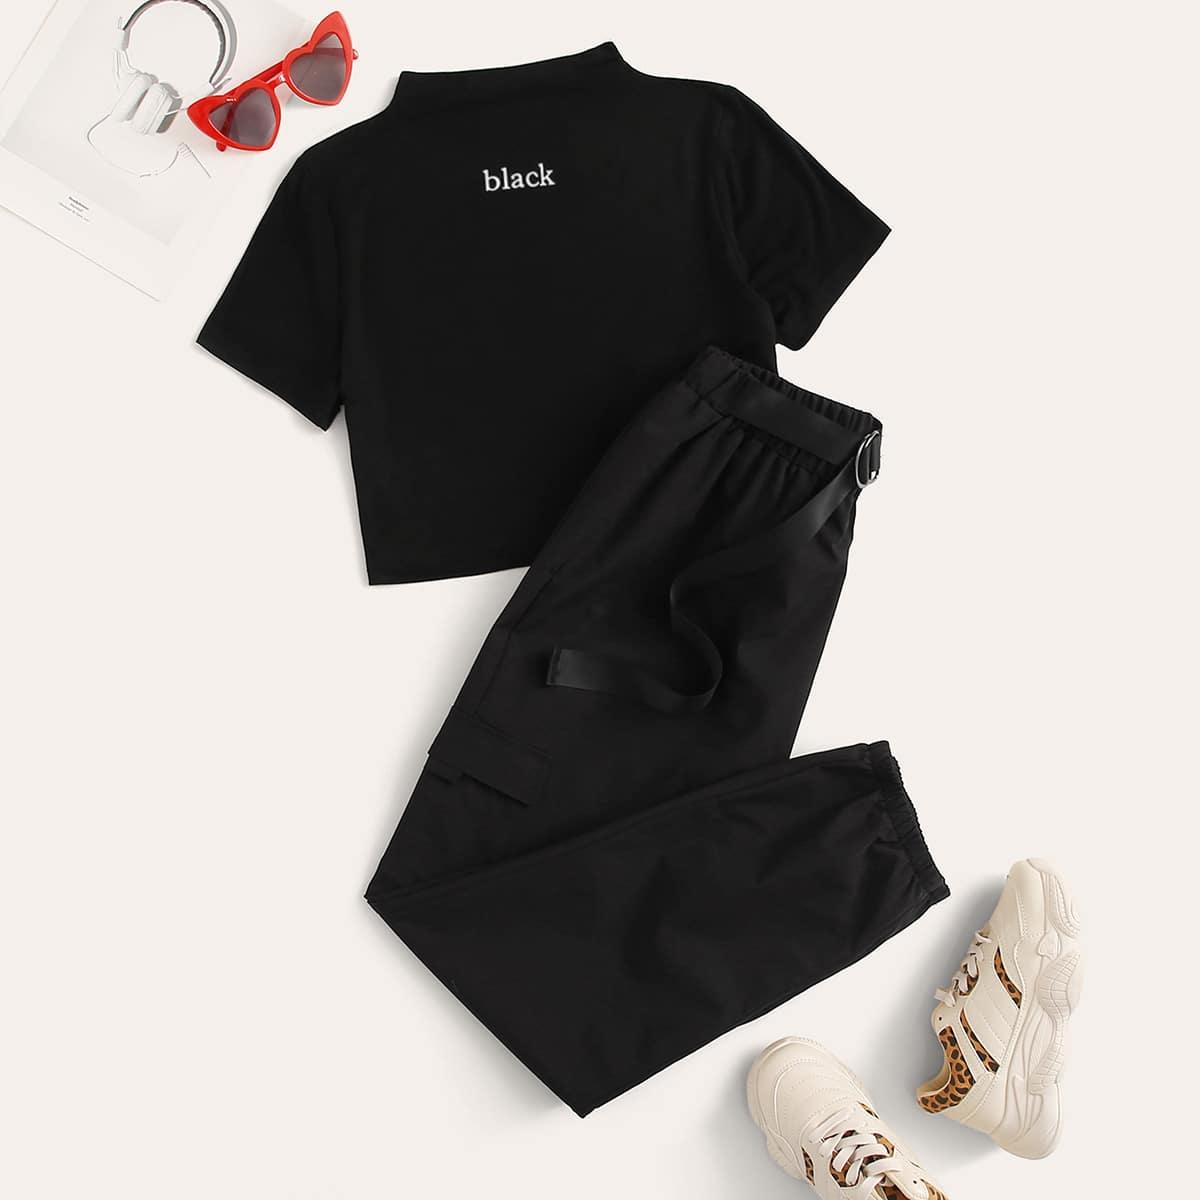 Брюки и футболка с текстовым принтом, воротником-стойкой от SHEIN